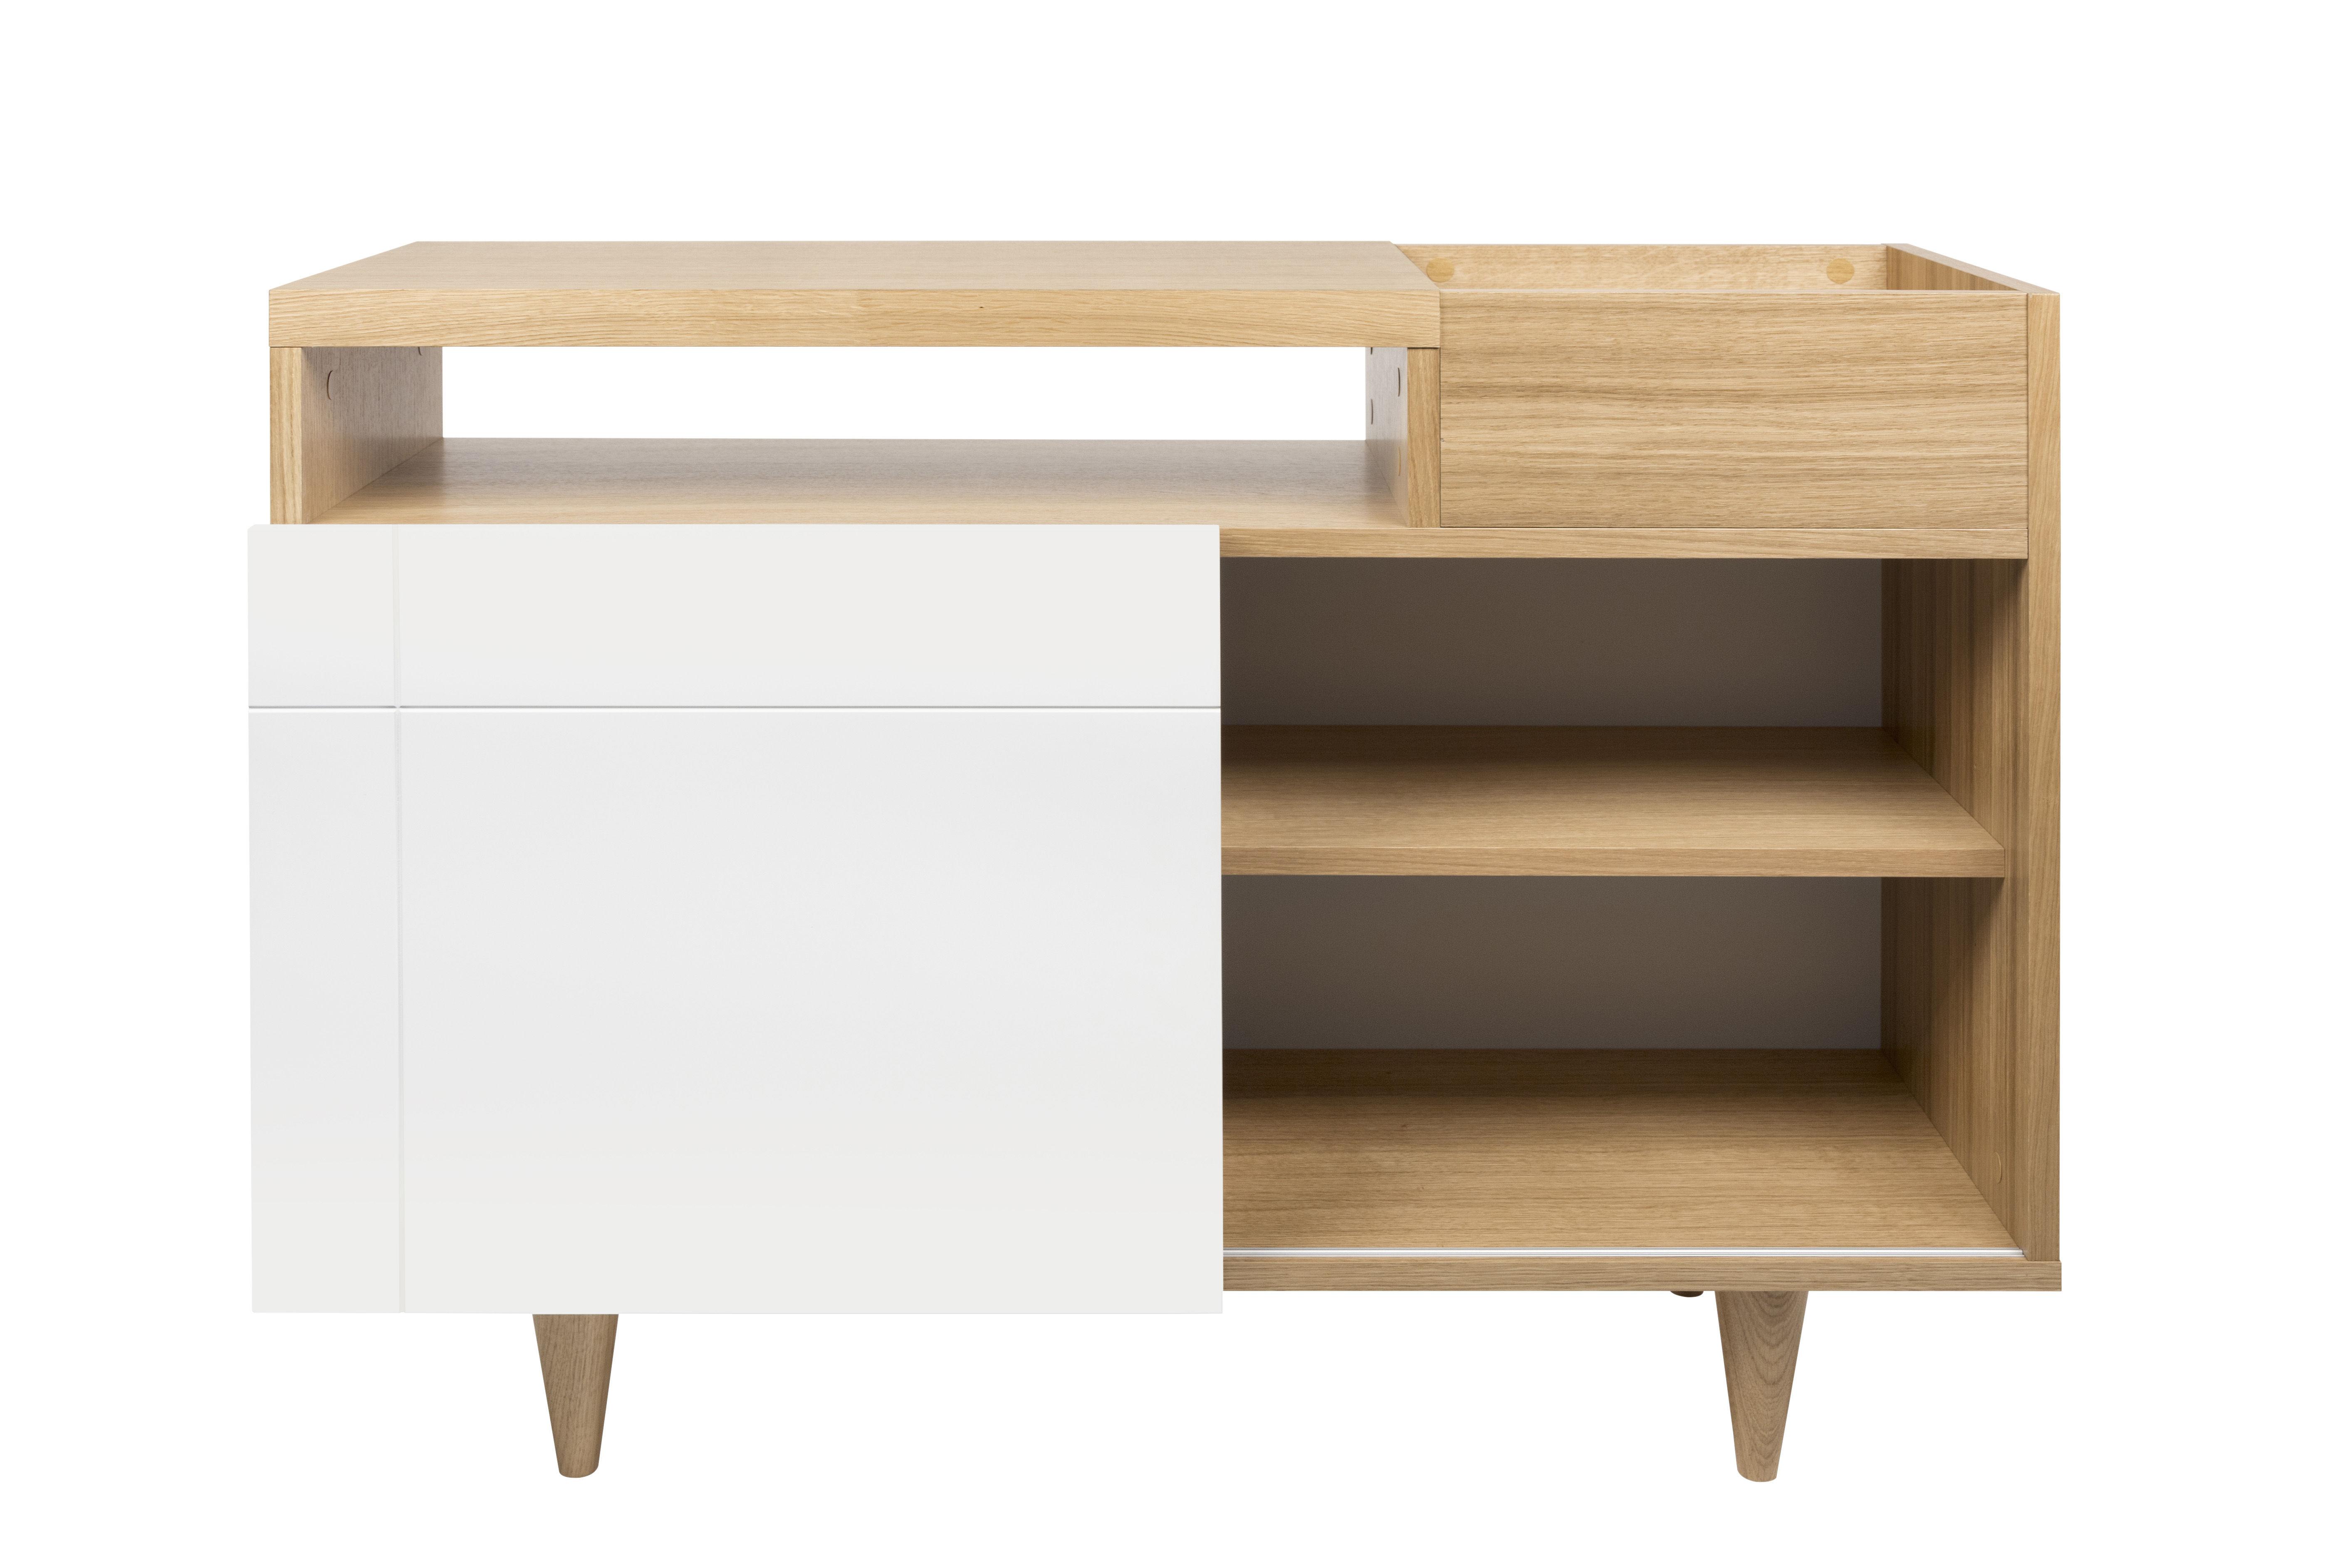 Möbel - Kommode und Anrichte - Slide Anrichte / L 110 cm x H 82 cm - POP UP HOME - Weiß / Eiche - Eichenspanplatte, lackiert, mitteldichte bemalte Holzfaserplatte